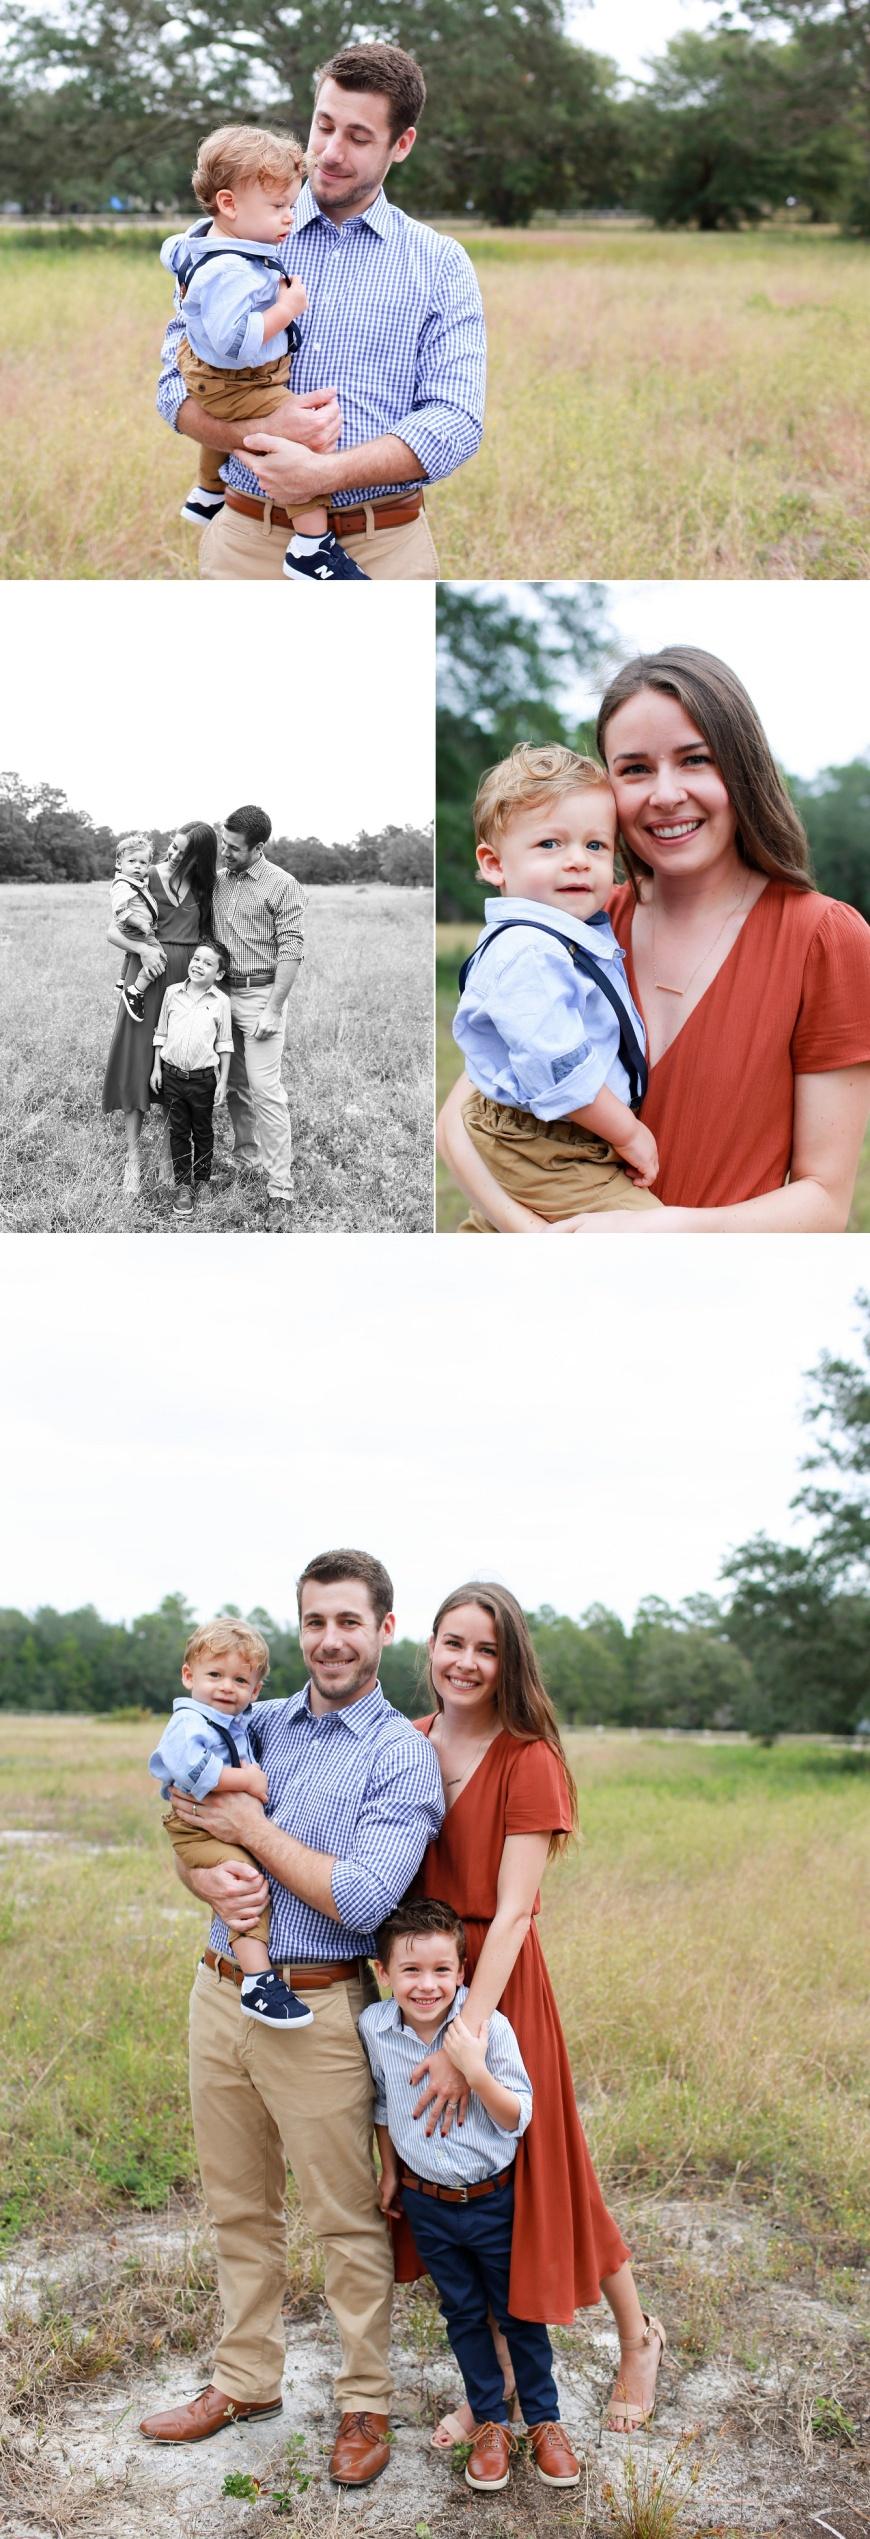 White-Point-Park-Niceville-Florida-Family-Photographer_1011.jpg